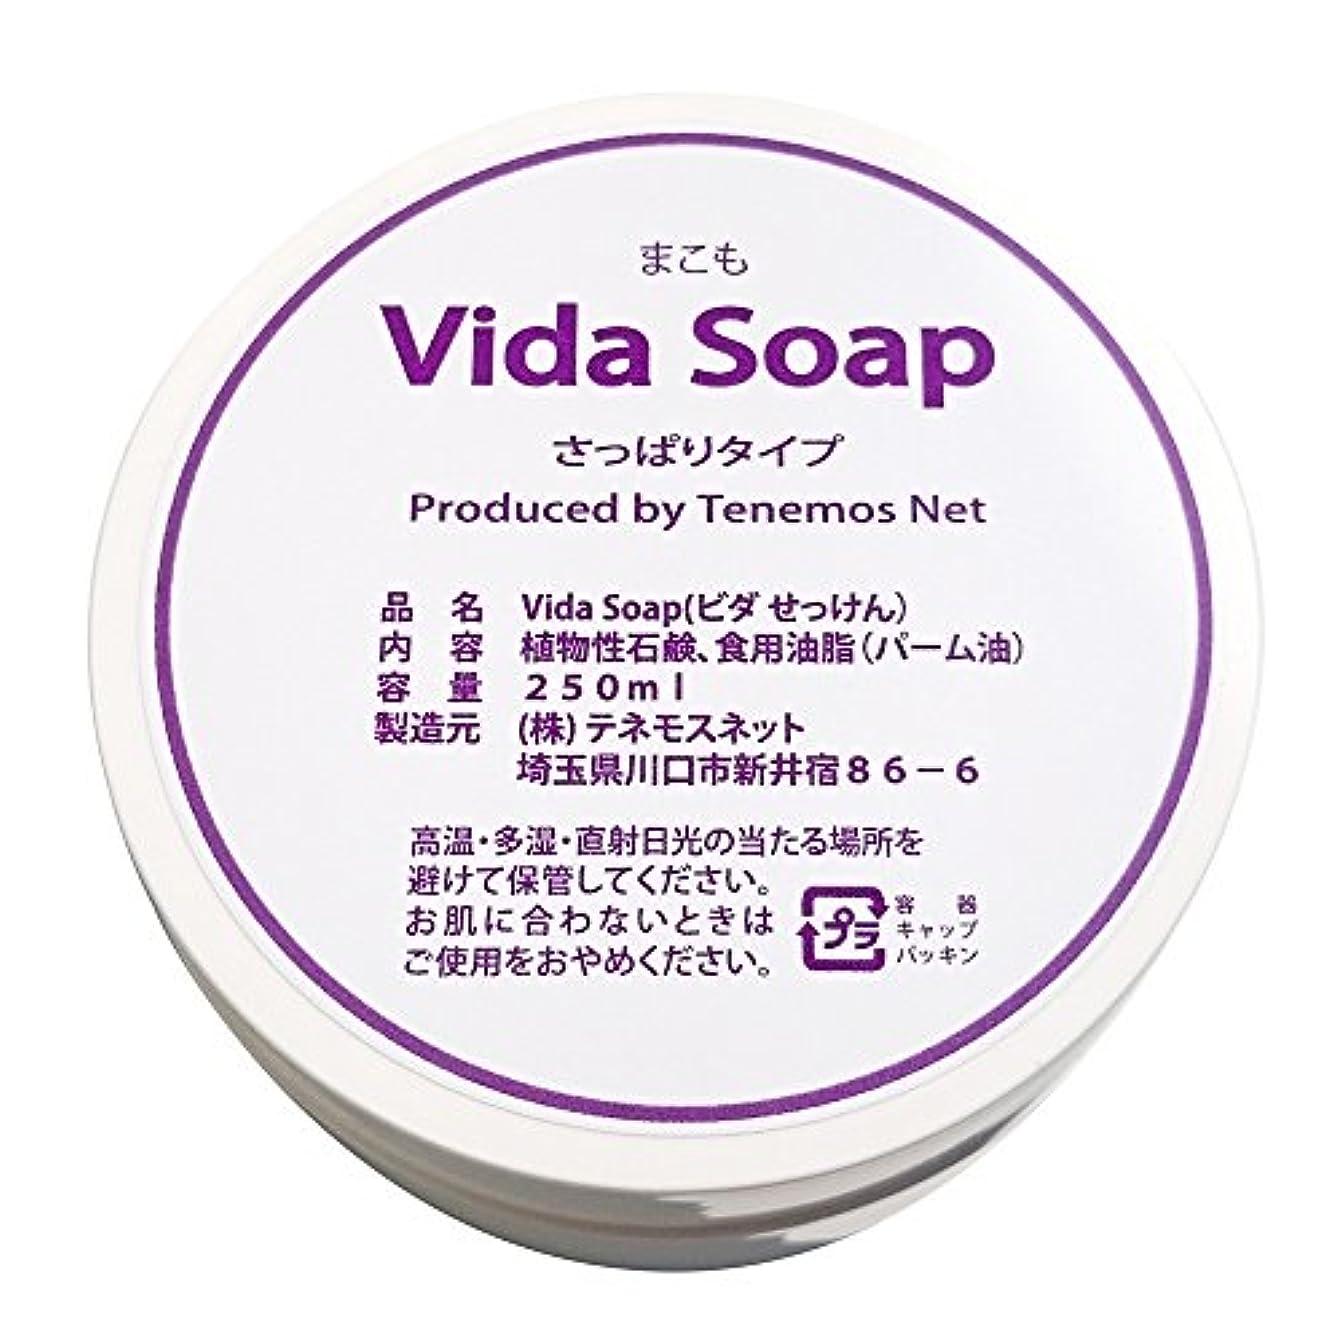 伸ばすリム常習者テネモス ビダせっけん Vida Soap さっぱりまこも 植物性 250ml